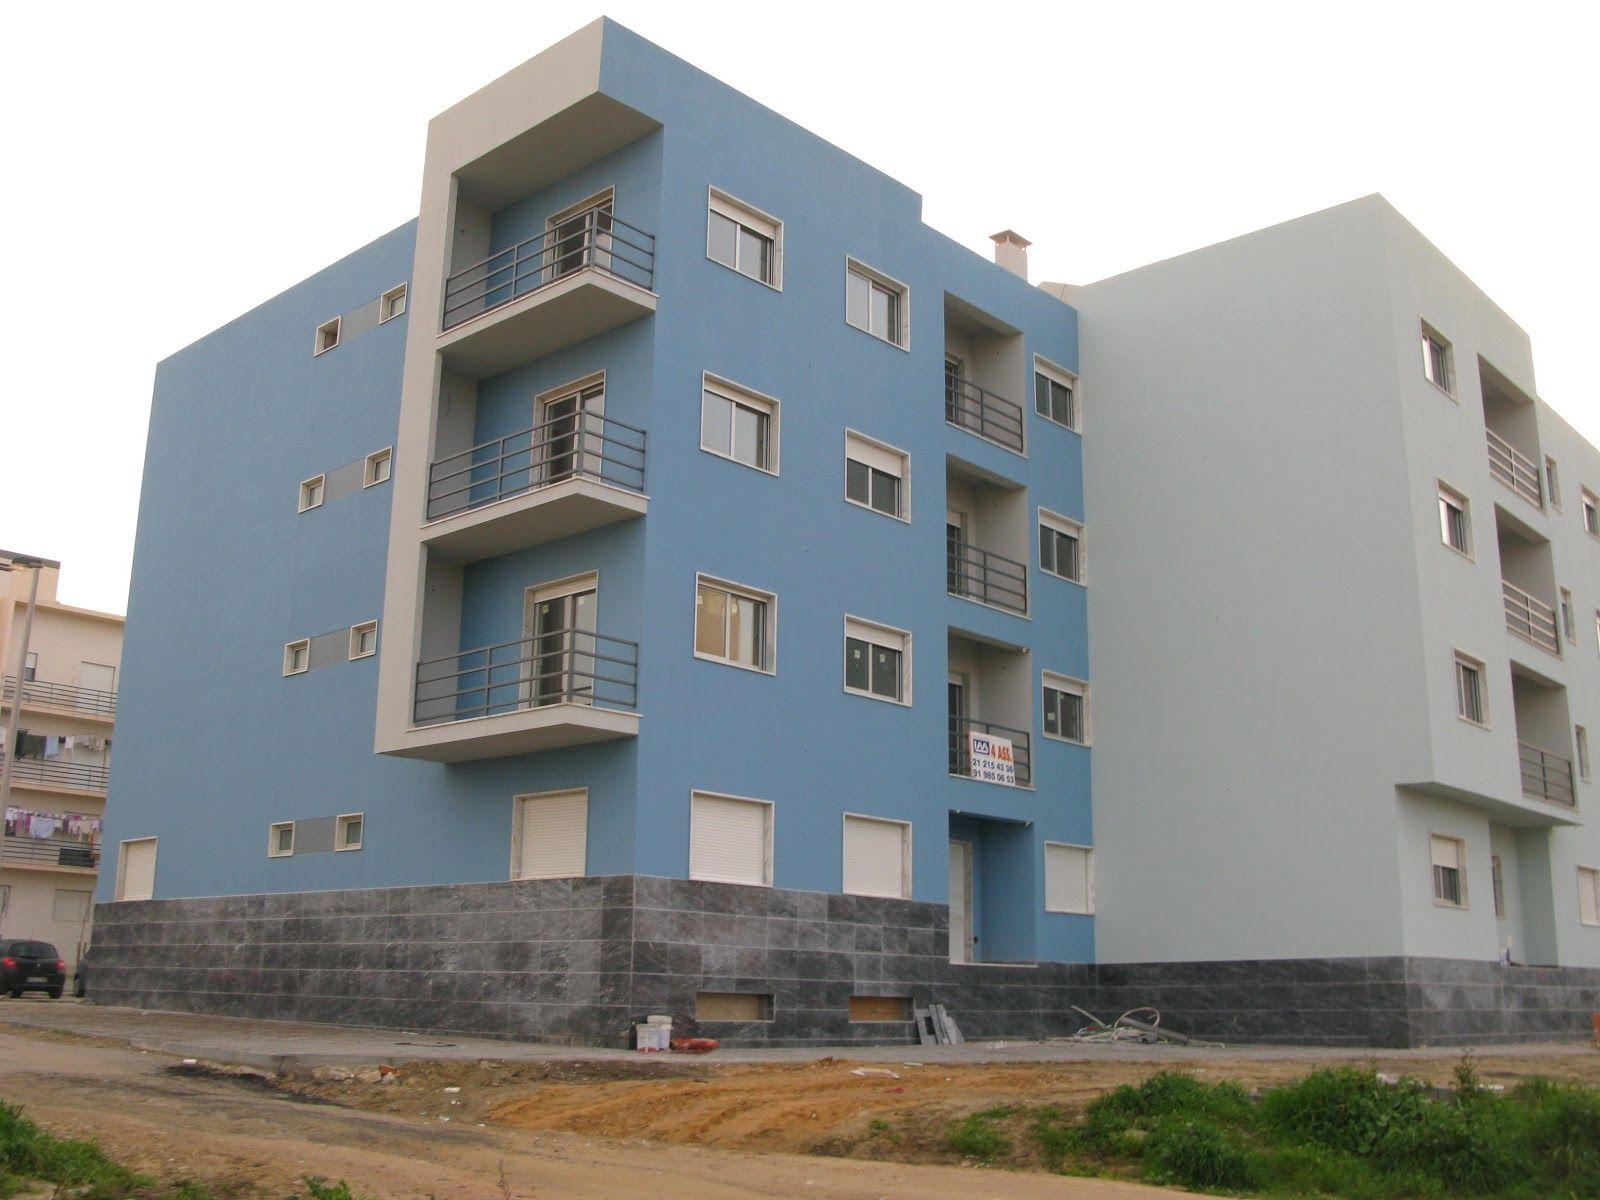 Edifício Infante - Alto do Seixalinho, Barreiro